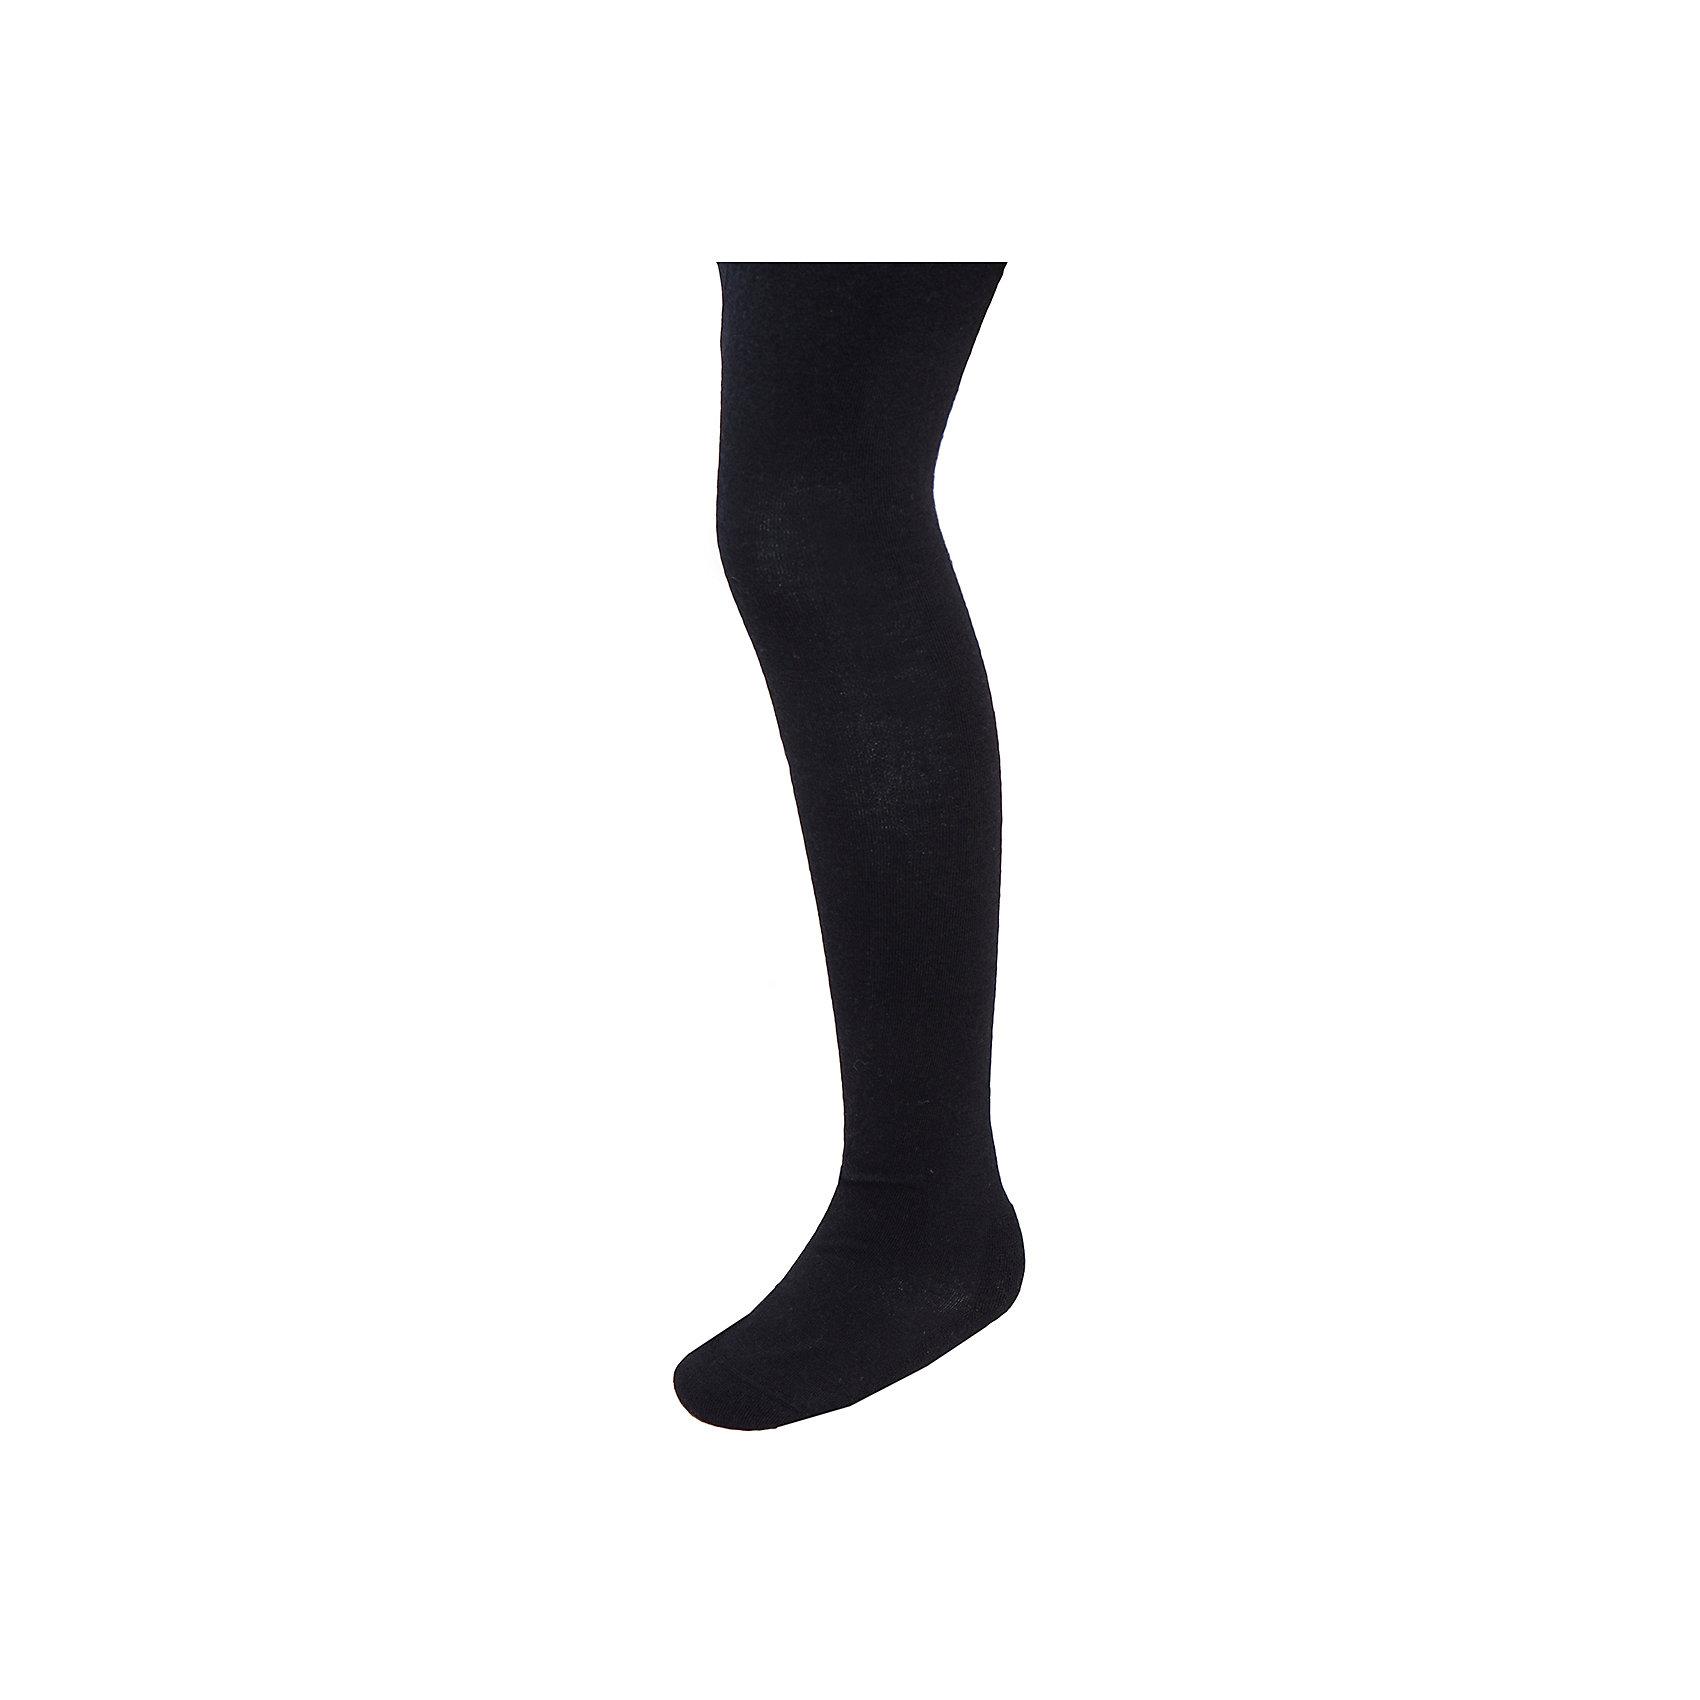 Колготки NorvegФлис и термобелье<br>Колготки от известного бренда Norveg<br><br>Термоколготки Norveg Soft Merino Wool от немецкой компании Norveg (Норвег) - это удобная и красивая одежда, которая обеспечит комфортную терморегуляцию тела и на улице, и в помещении. <br>Они сделаны из шерсти мериноса (австралийской тонкорунной овцы), которая обладает гипоаллергенными свойствами, поэтому не вызывает раздражения, даже если надета на голое тело. <br>Отличительные особенности модели:<br><br>- цвет - черный;<br>- швы плоские, не натирают и не мешают движению;<br>- анатомические резинки;<br>- материал впитывает влагу и сразу выводит наружу;<br>- анатомический крой;<br>- подходит и мальчикам, и девочкам;<br>- не мешает под одеждой.<br><br>Дополнительная информация:<br><br>- Температурный режим: от - 30° С  до +5° С.<br><br>- Состав: 100% шерсть мериносов<br><br>Колготки Norveg (Норвег) можно купить в нашем магазине.<br><br>Ширина мм: 123<br>Глубина мм: 10<br>Высота мм: 149<br>Вес г: 209<br>Цвет: черный<br>Возраст от месяцев: 6<br>Возраст до месяцев: 9<br>Пол: Унисекс<br>Возраст: Детский<br>Размер: 74,98,134,122,110,86<br>SKU: 4224669